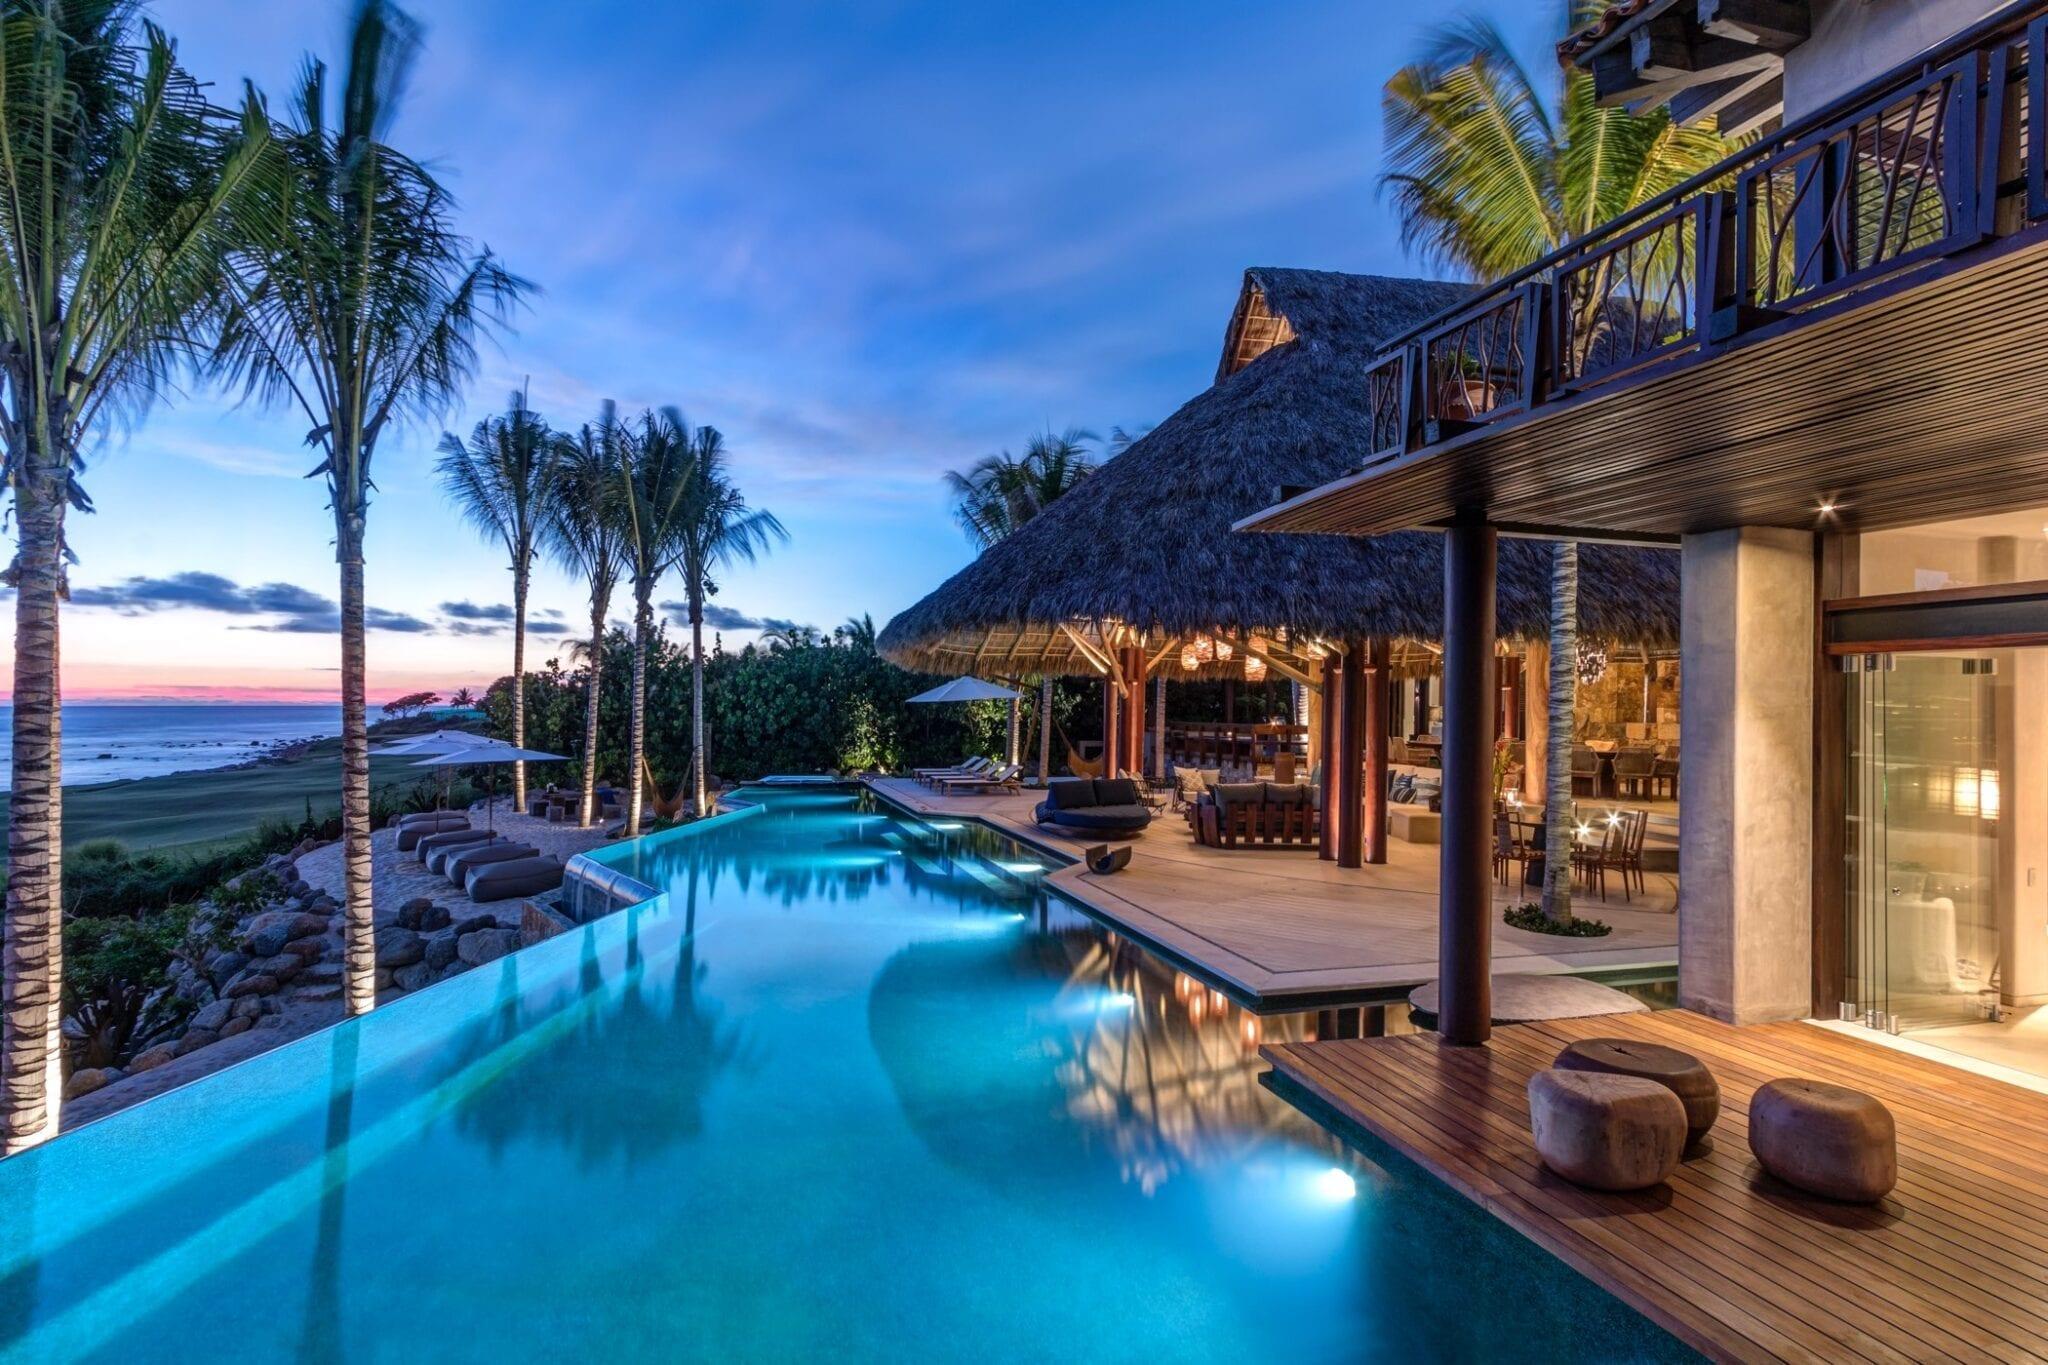 Casa Koko Pool Palapa Deck Sunset